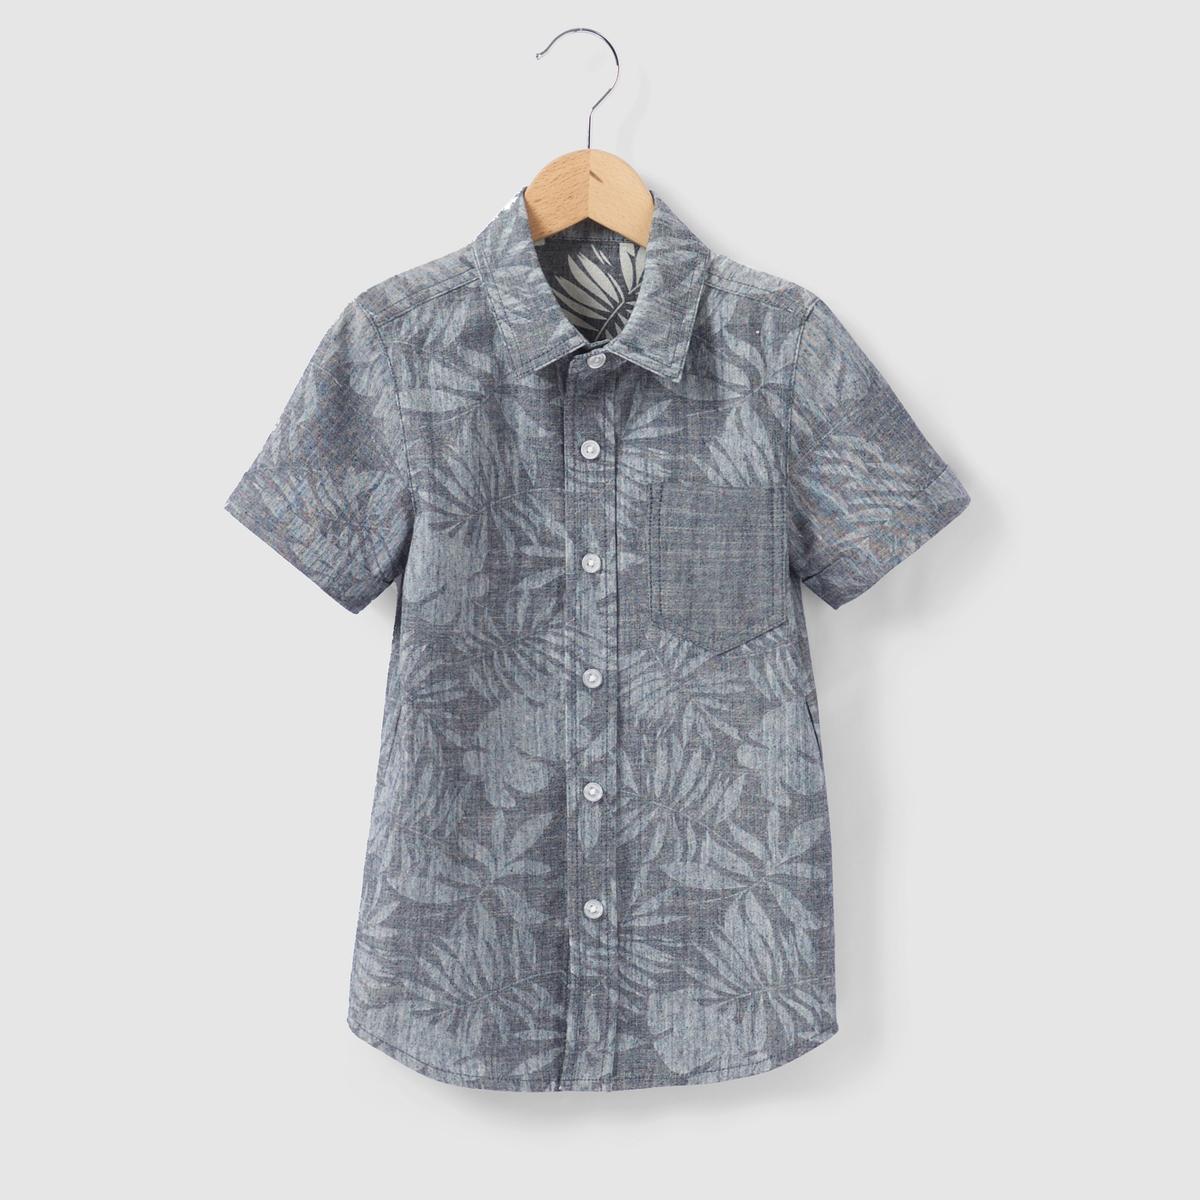 Рубашка с рисунком листья на 3-12 летСостав и описание : Материал: Шамбре из 100% хлопкаУход :Машинная стирка при 30 °C с вещами схожих цветов.Машинная сушка на умеренном режиме.Гладить на средней температуре .<br><br>Цвет: синий<br>Размер: 3 года - 94 см